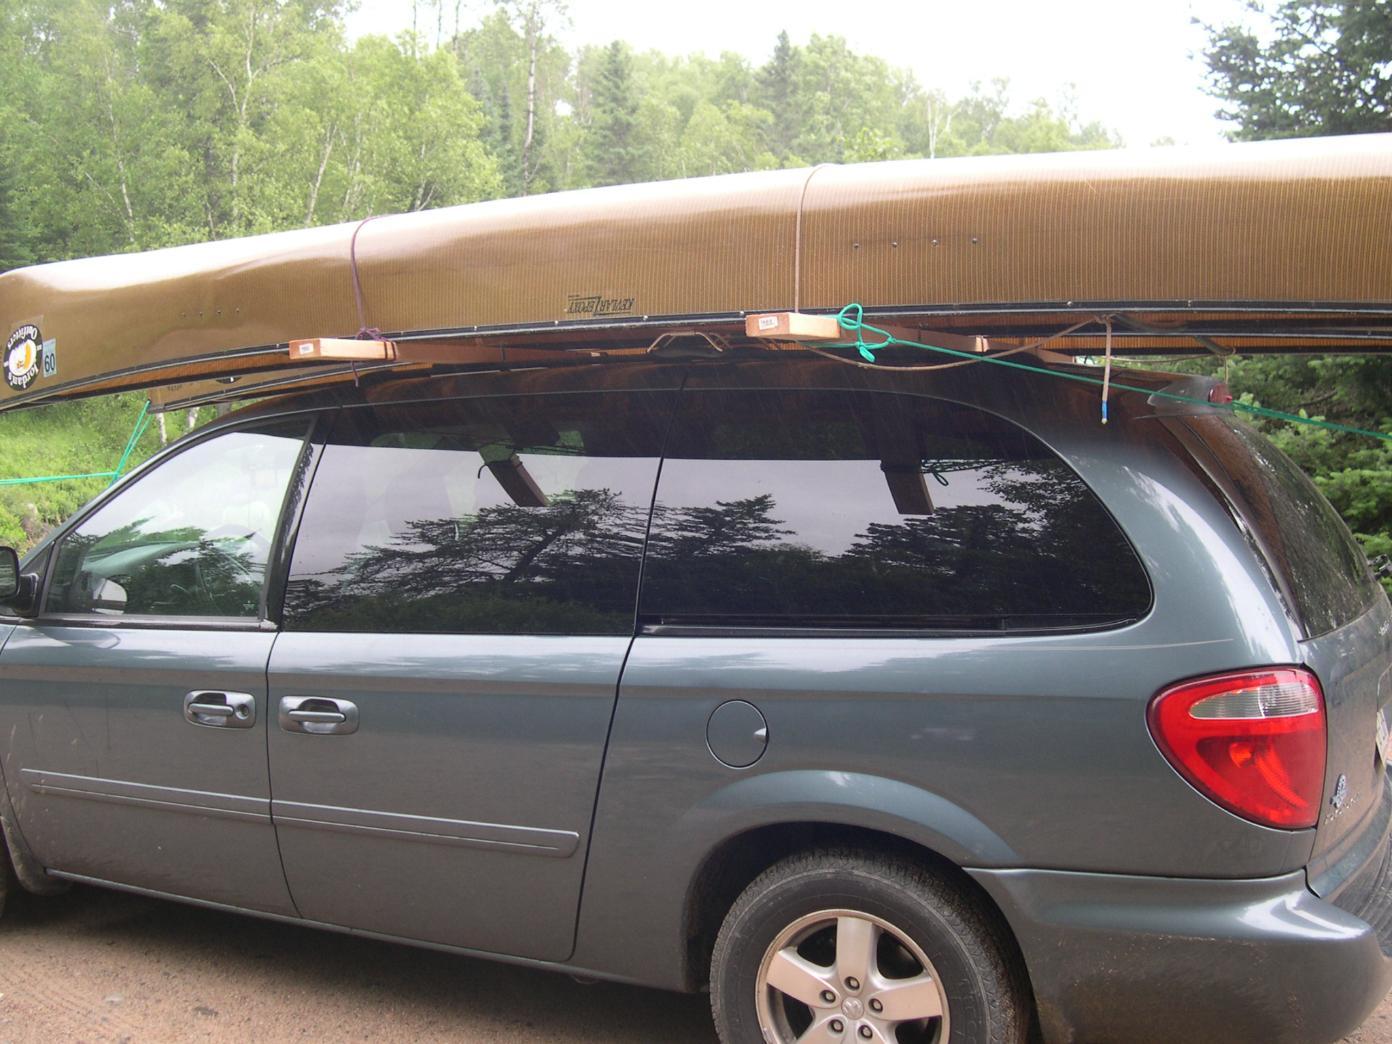 Bwca Carrying Canoe On Minivan Rack Boundary Waters Gear Forum